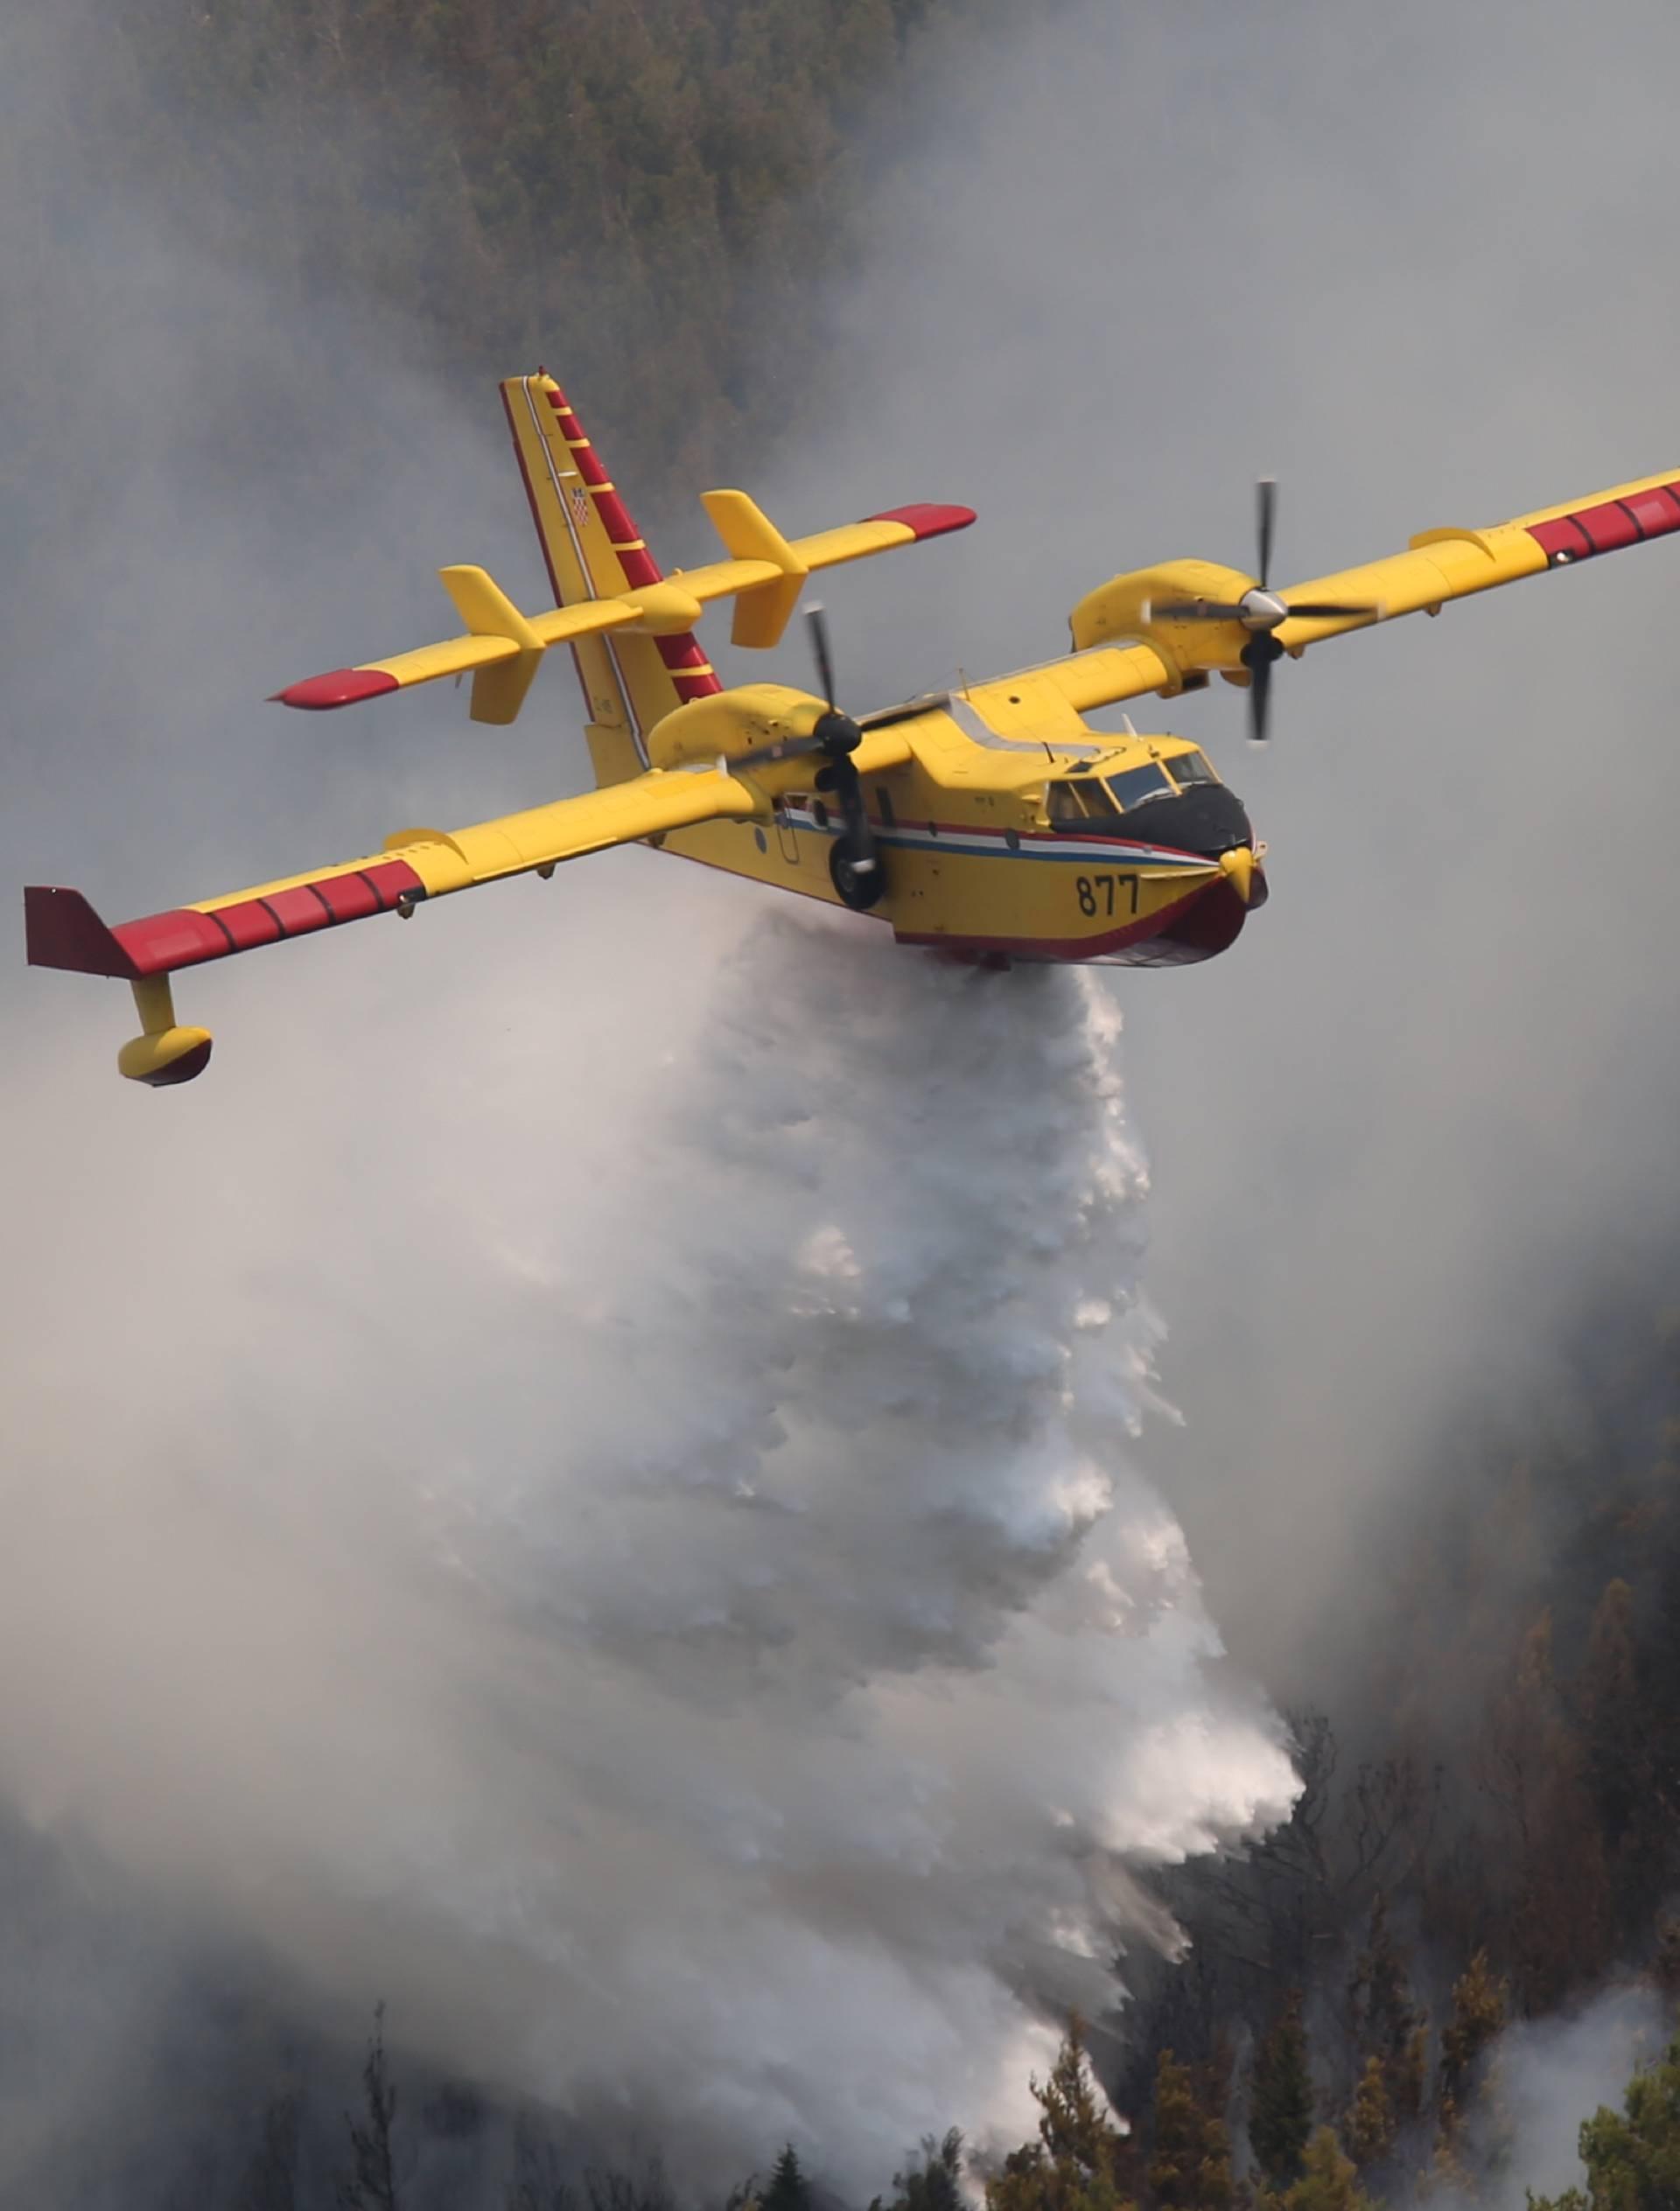 Još gori kod Tučepa i Podgore, ali je vatra pod kontrolom...